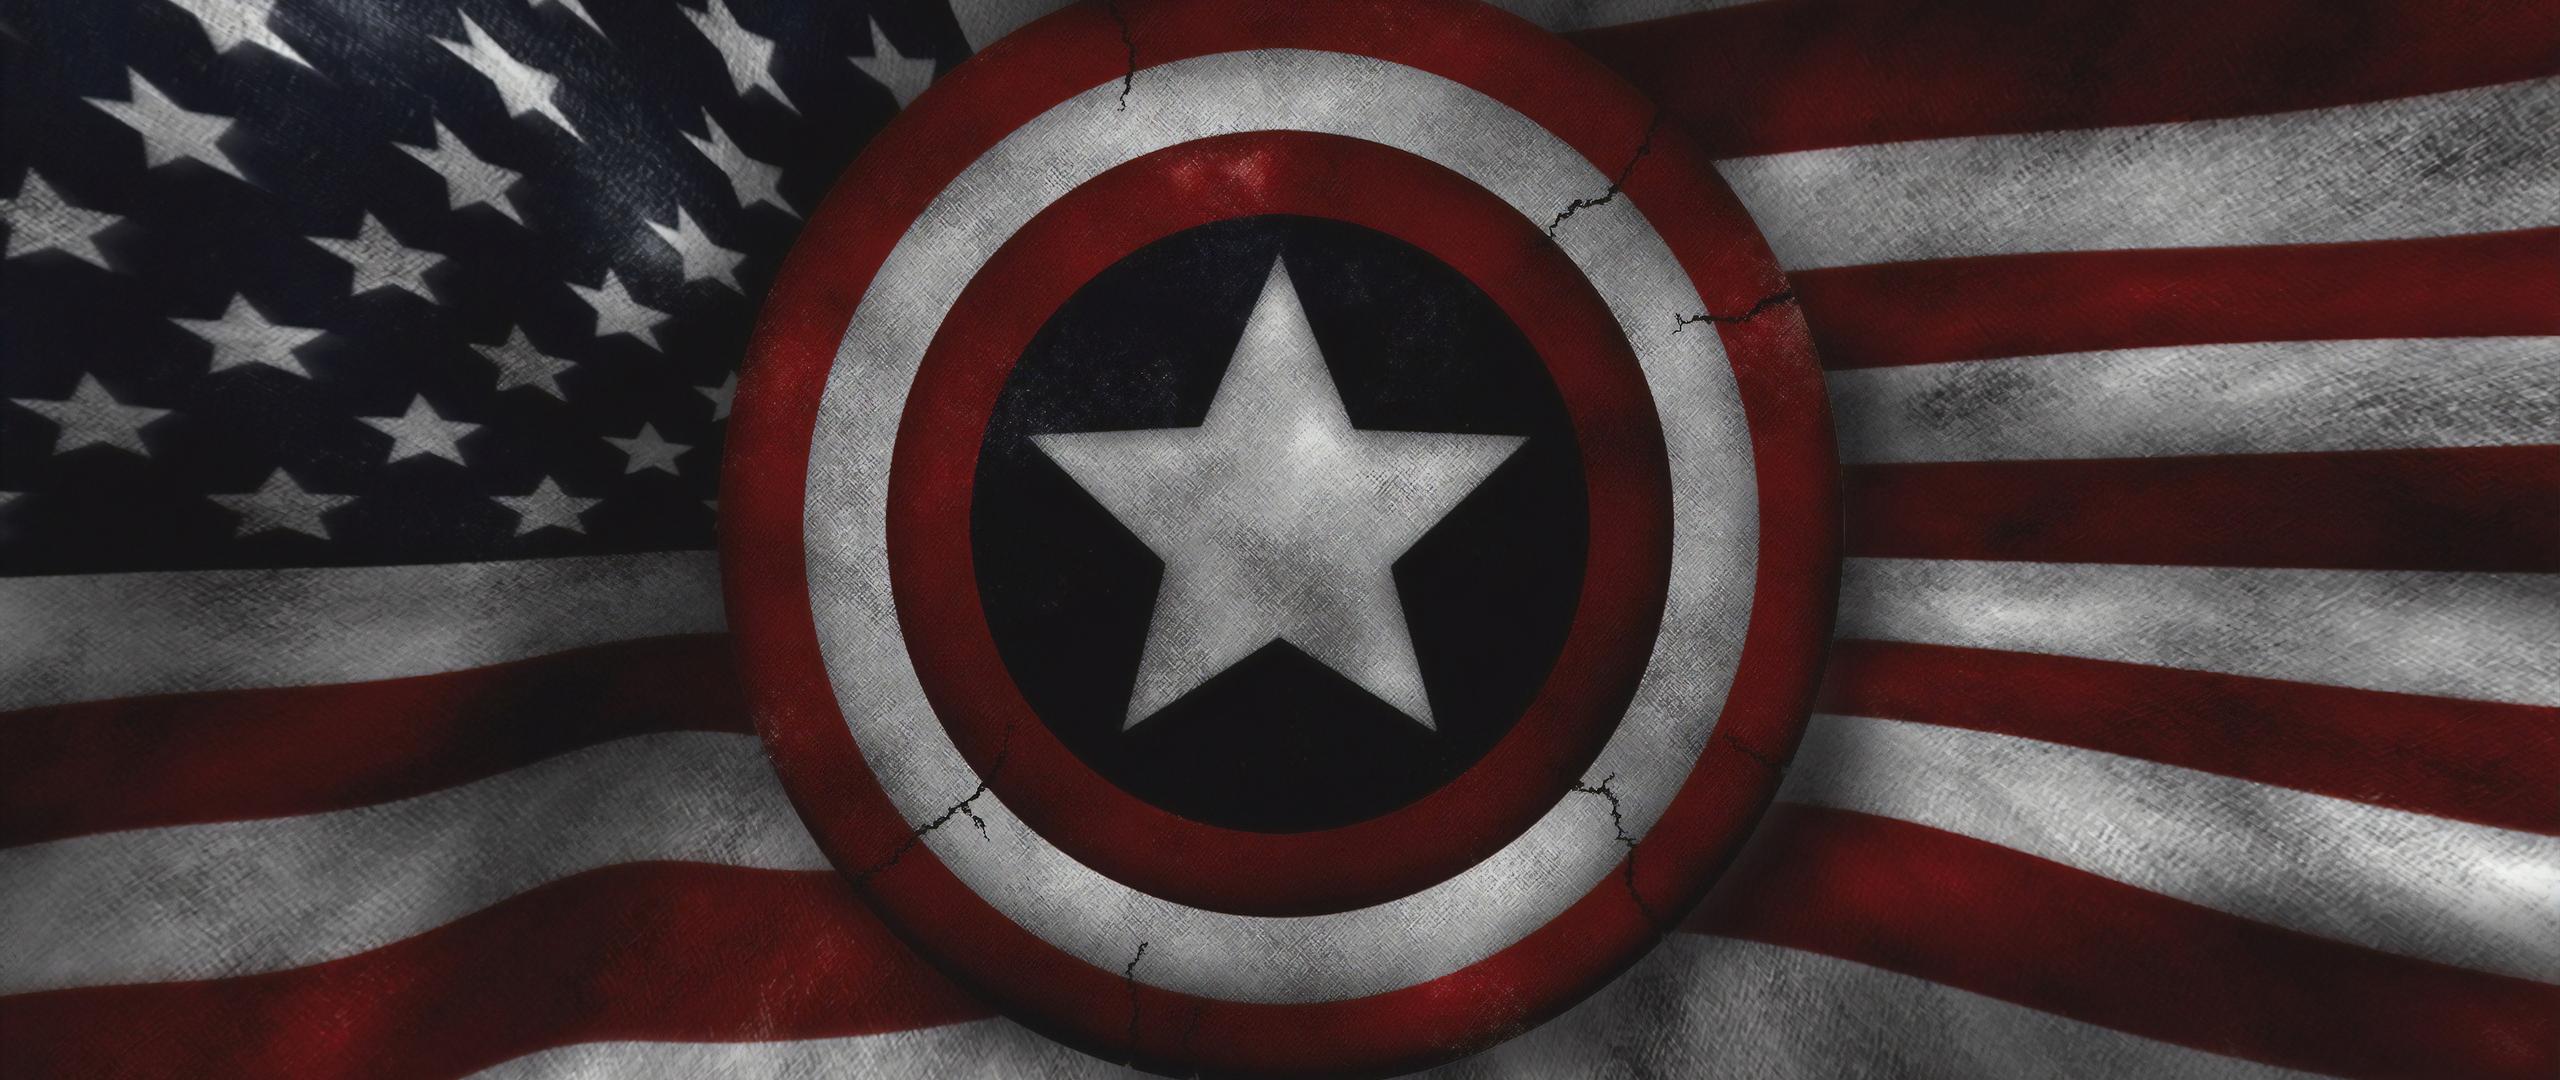 captain-america-us-flag-4k-33.jpg